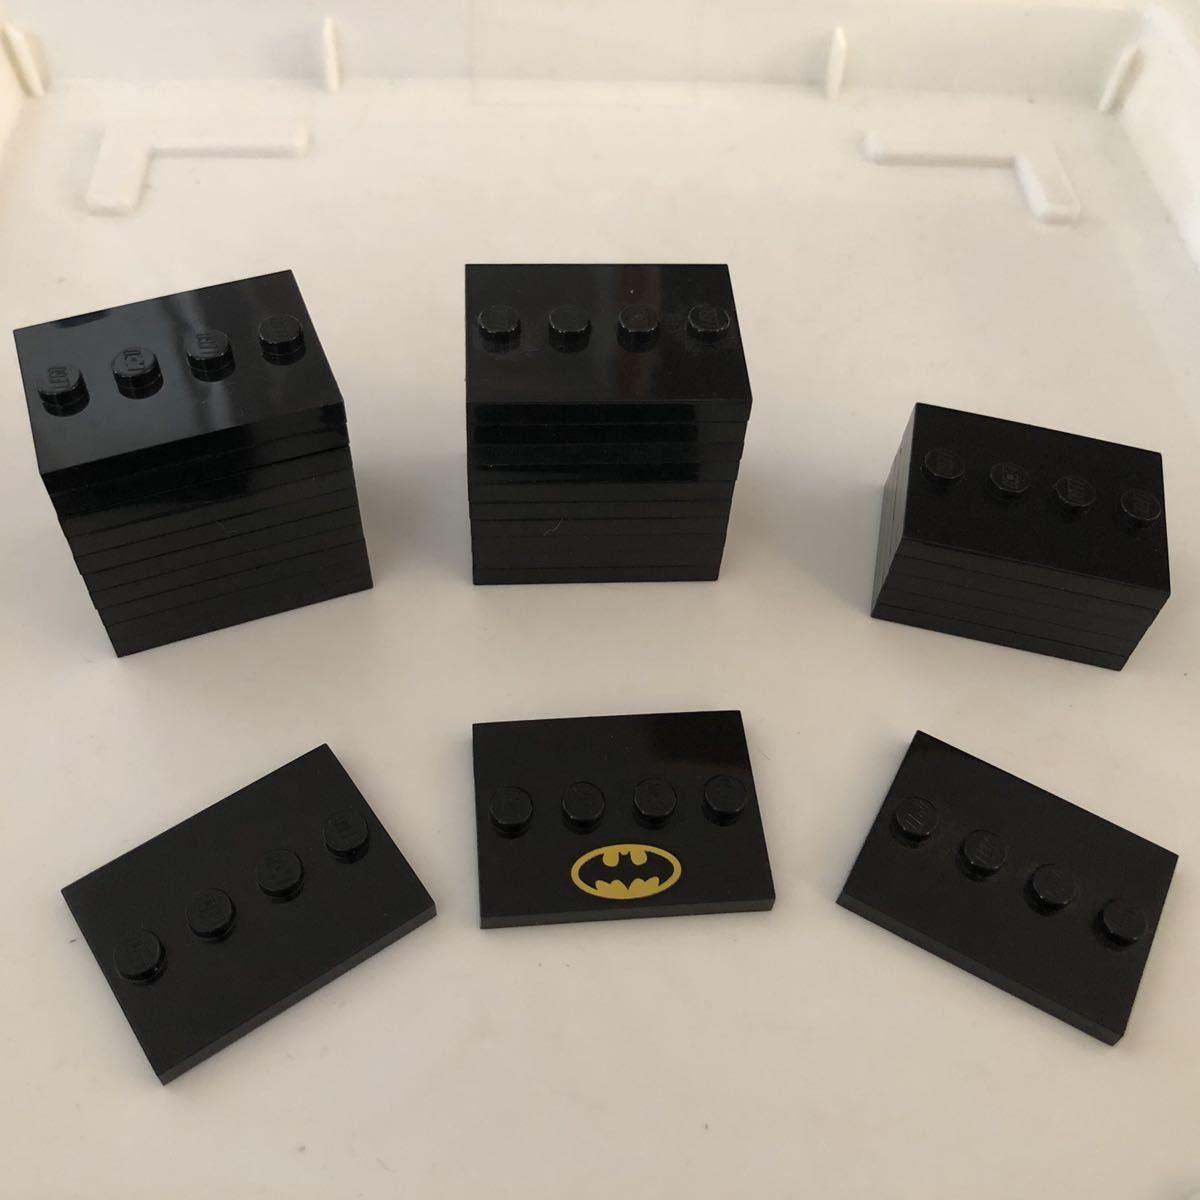 レゴ ミニフィグスタンド セット 色々まとめて出品中kg_画像1